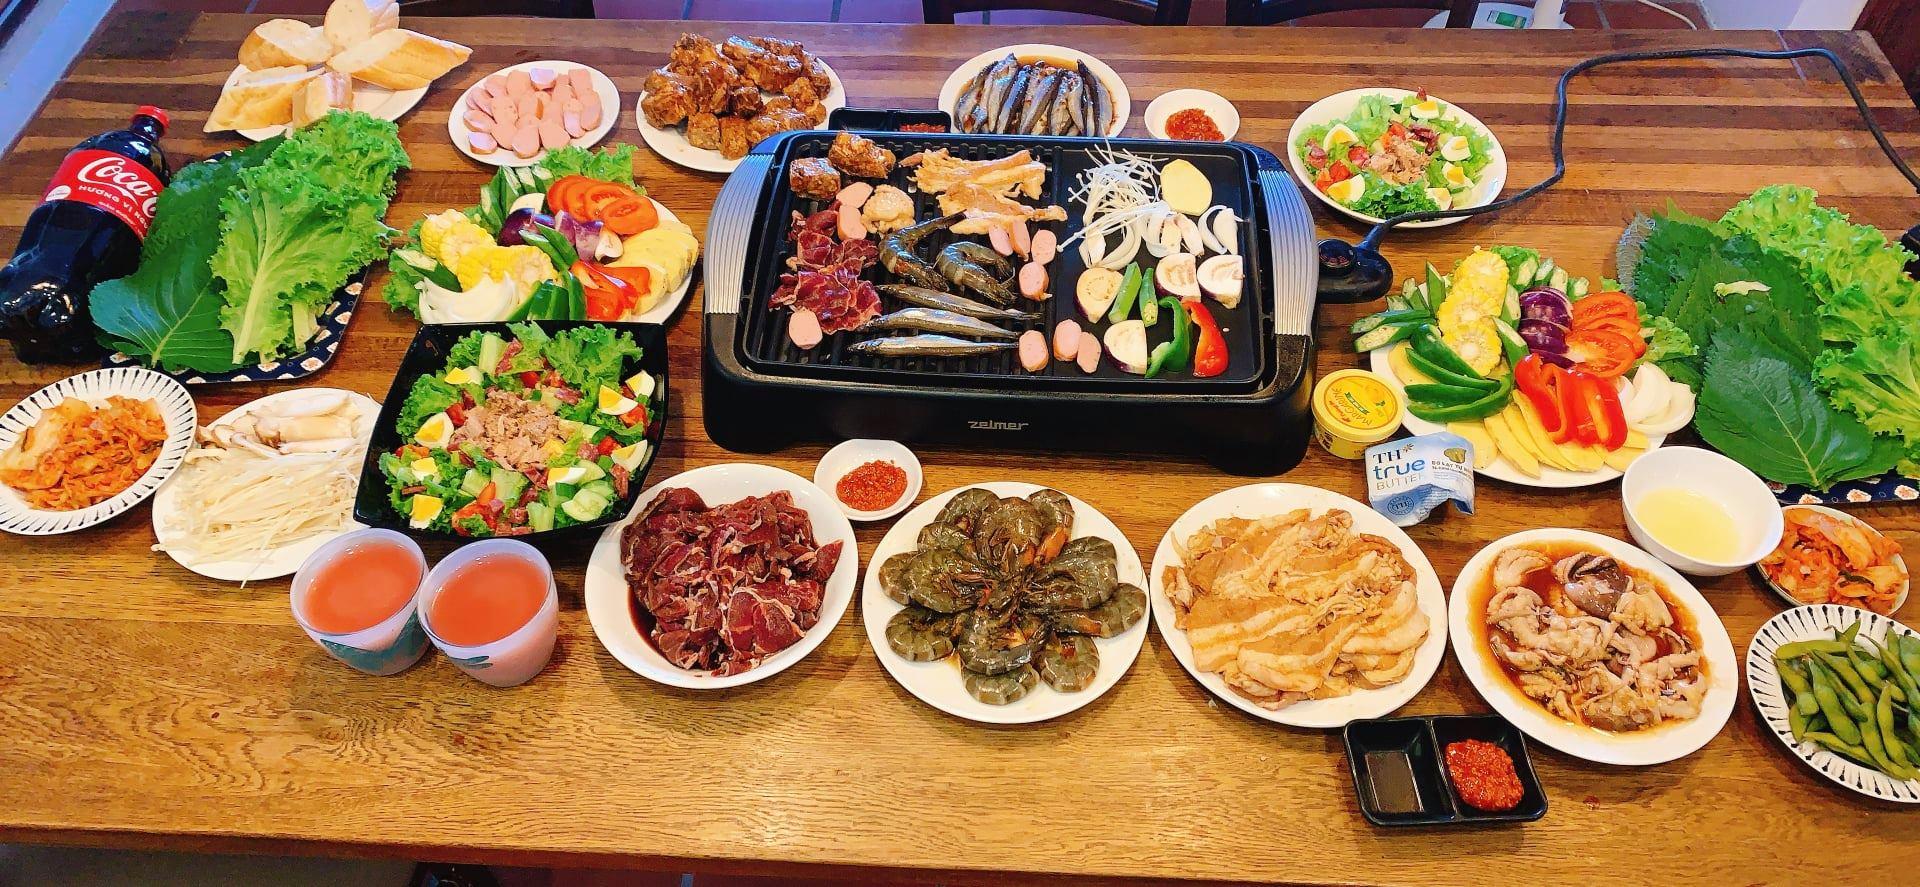 Mát trời lạnh lạnh ngồi cạnh bàn nướng thịt nướng Hàn Quốc cùng chai rượu thì cứ gọi là hết ý  - Ảnh 5